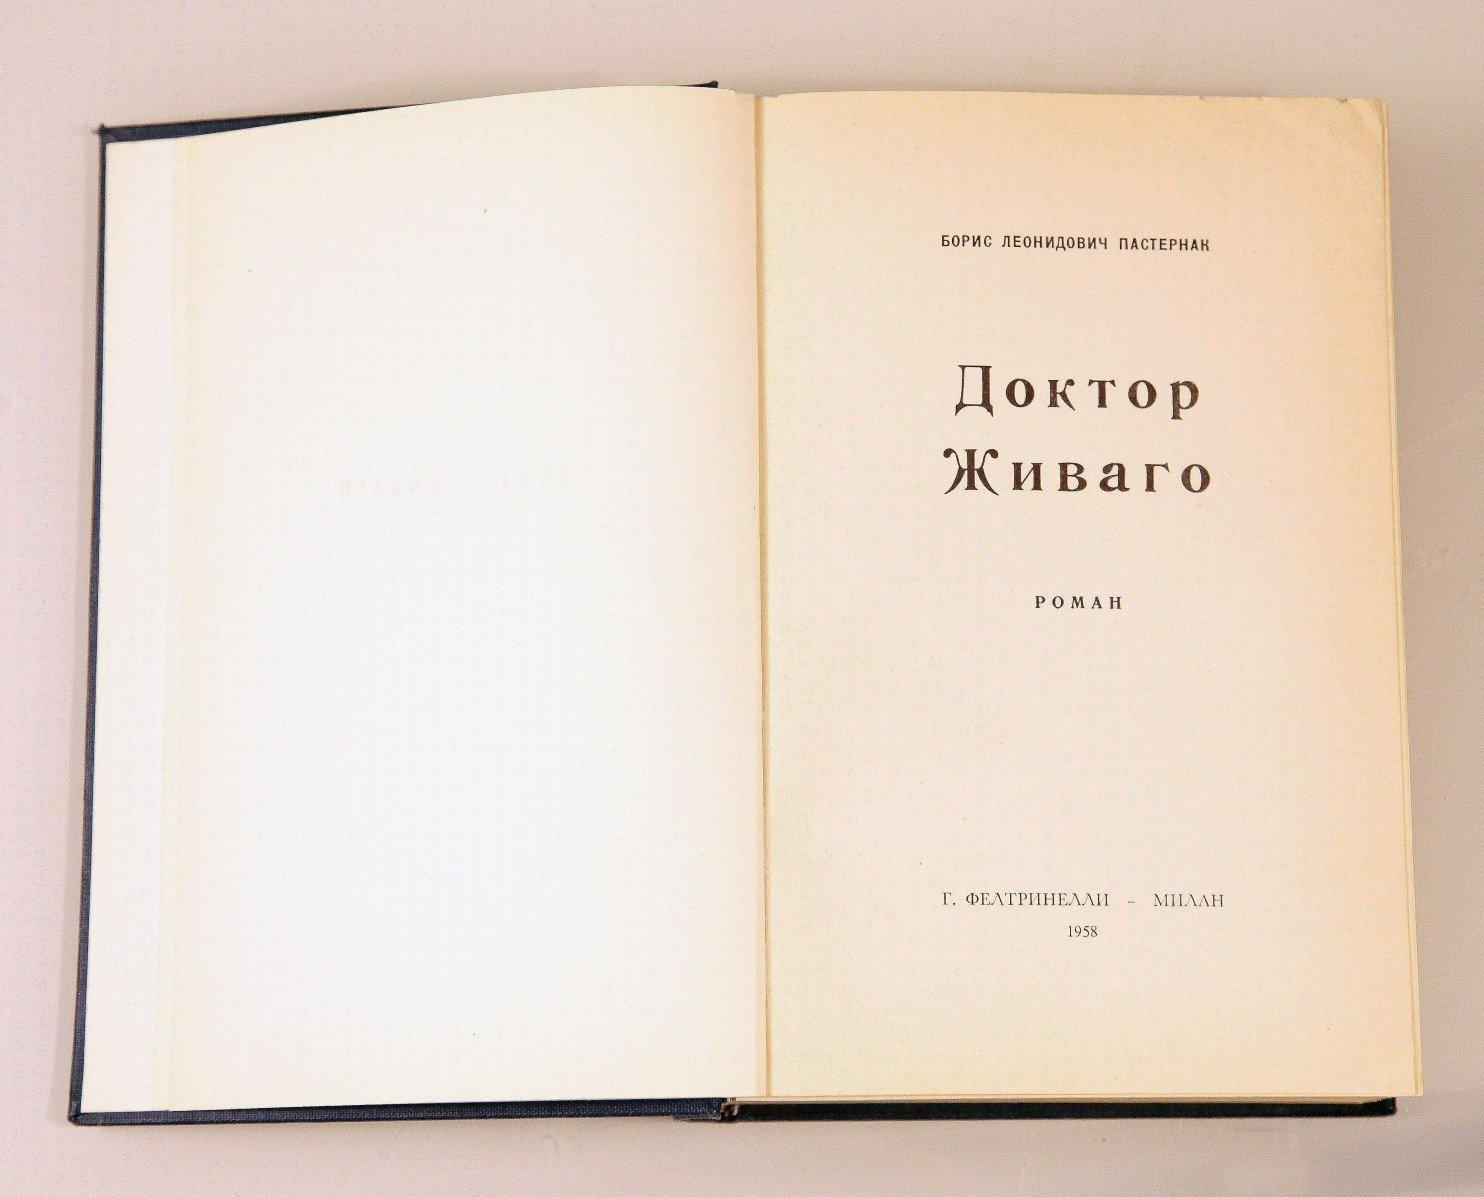 Edición de 1958 impresa por la CIA